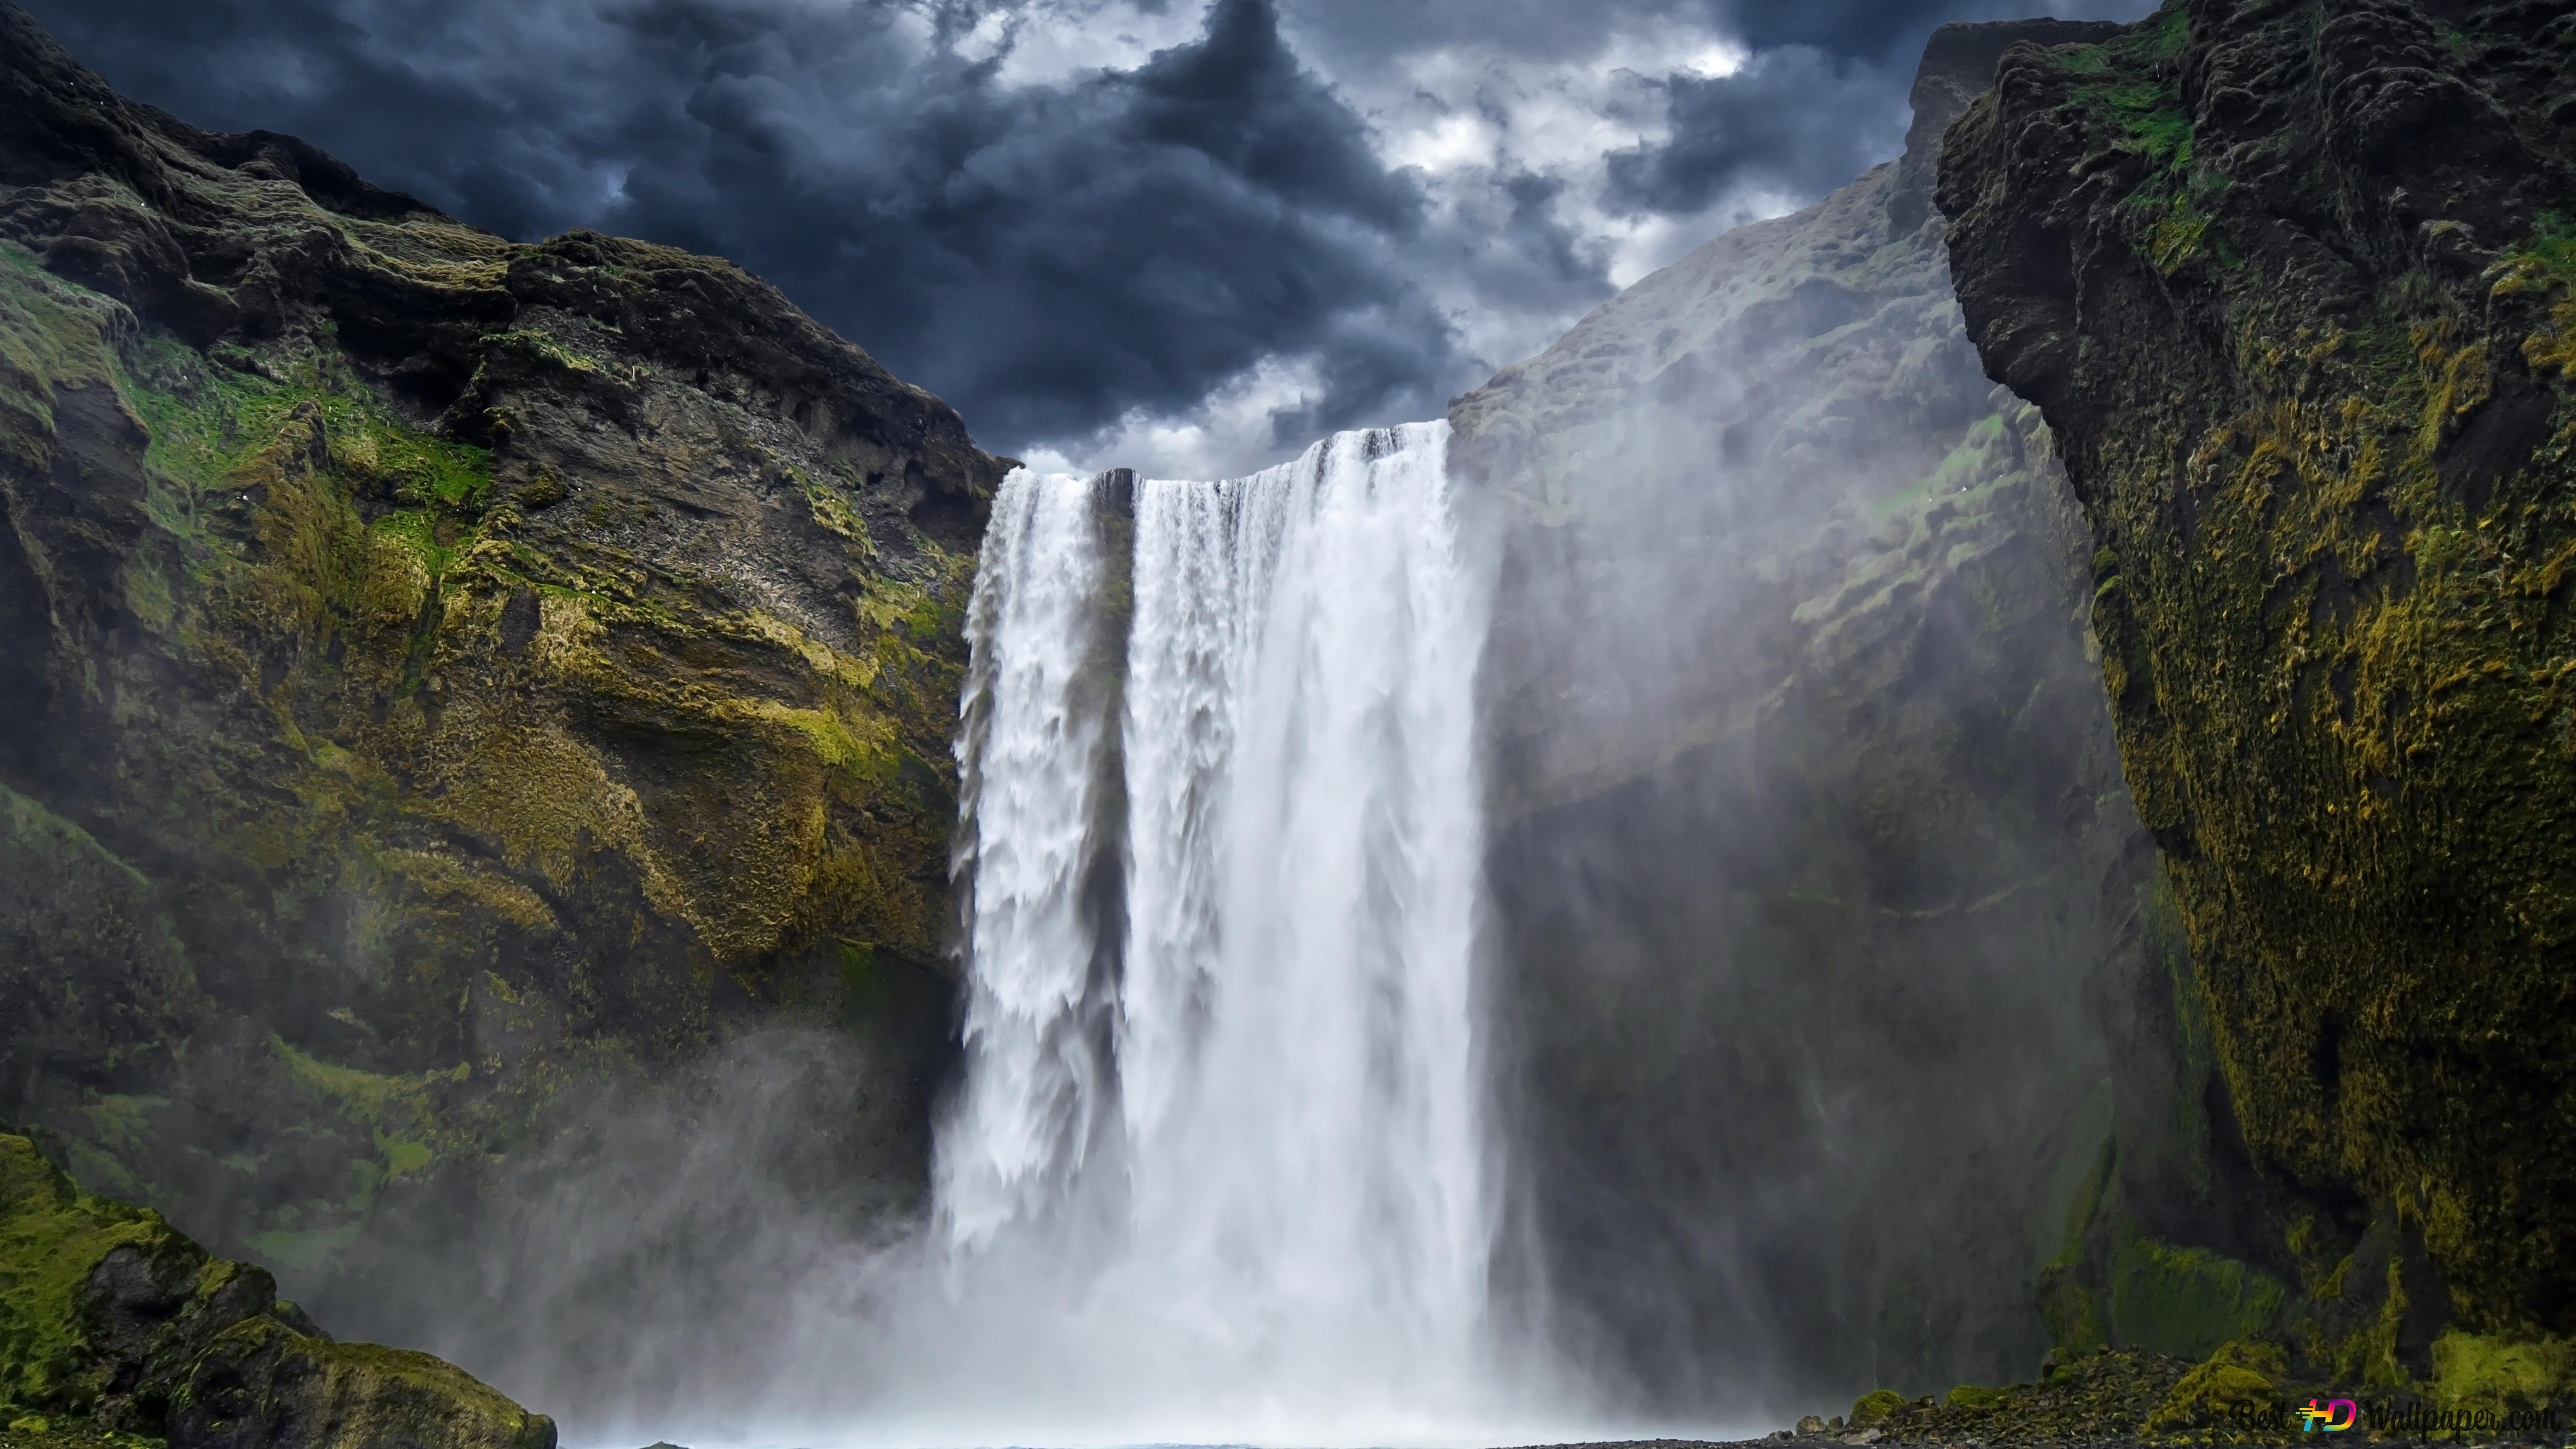 Картинки водопады в большом формате